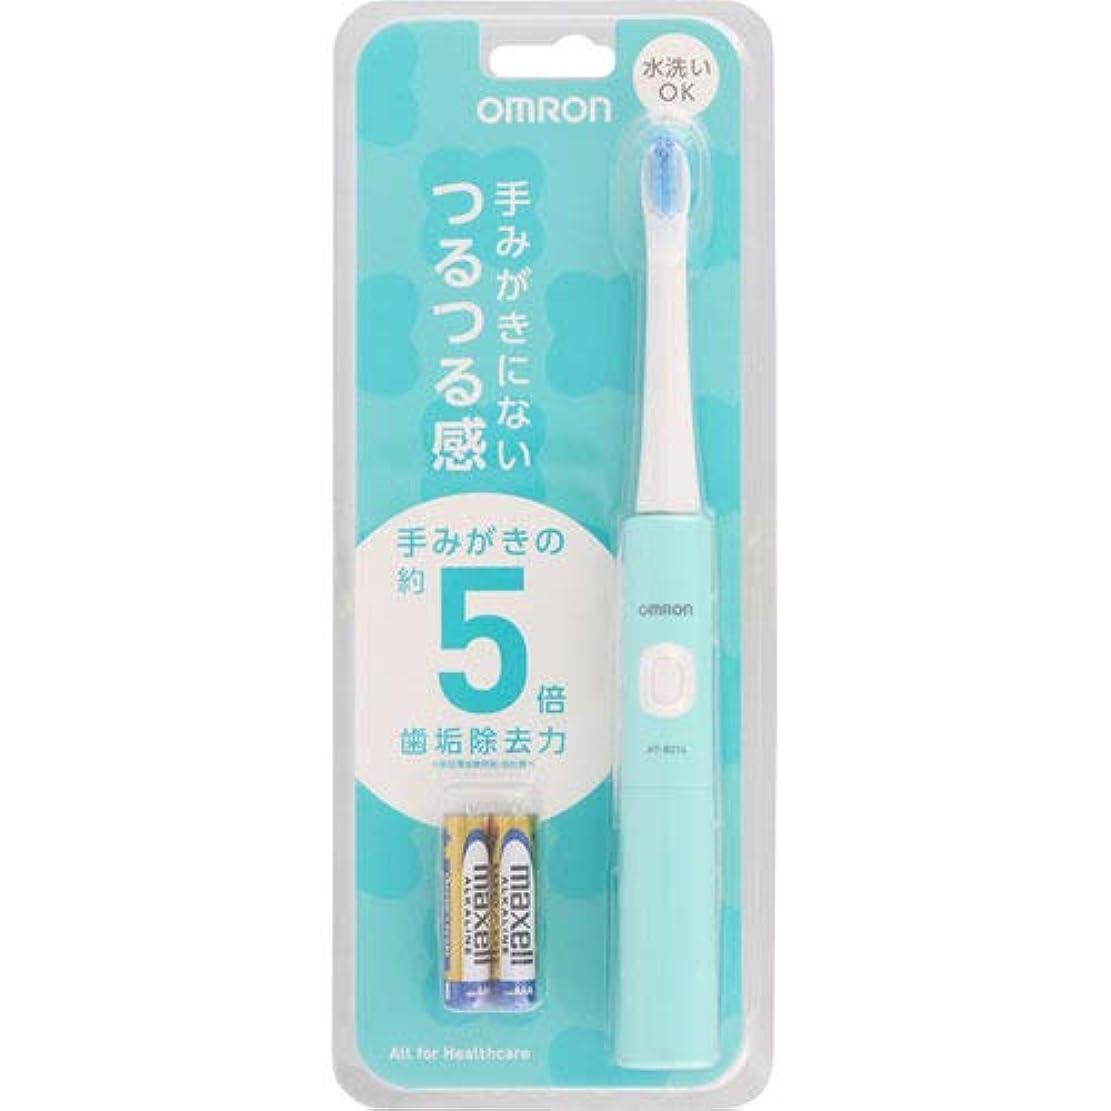 取り替える会計士うれしいオムロン 電動歯ブラシ HT-B214-G グリーン 電池式